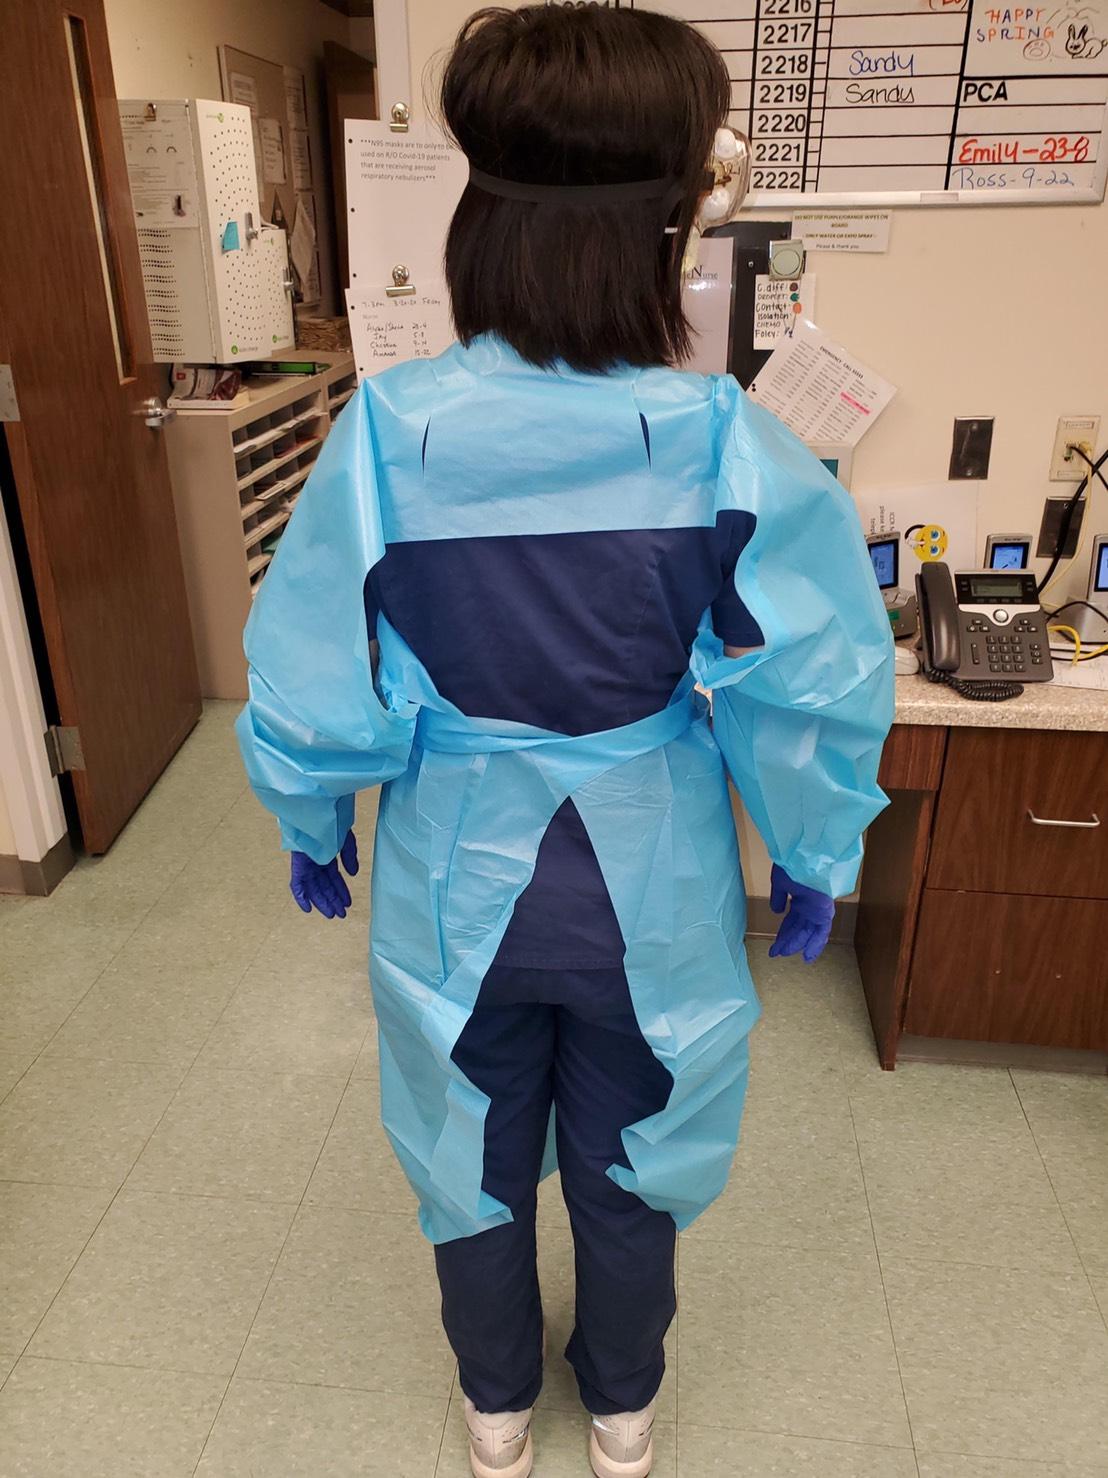 Kate謝說,他們現在穿的防護服,只是一般的手術衣,包括背後、脖子、腳部均暴露在外。(Kate謝提供)